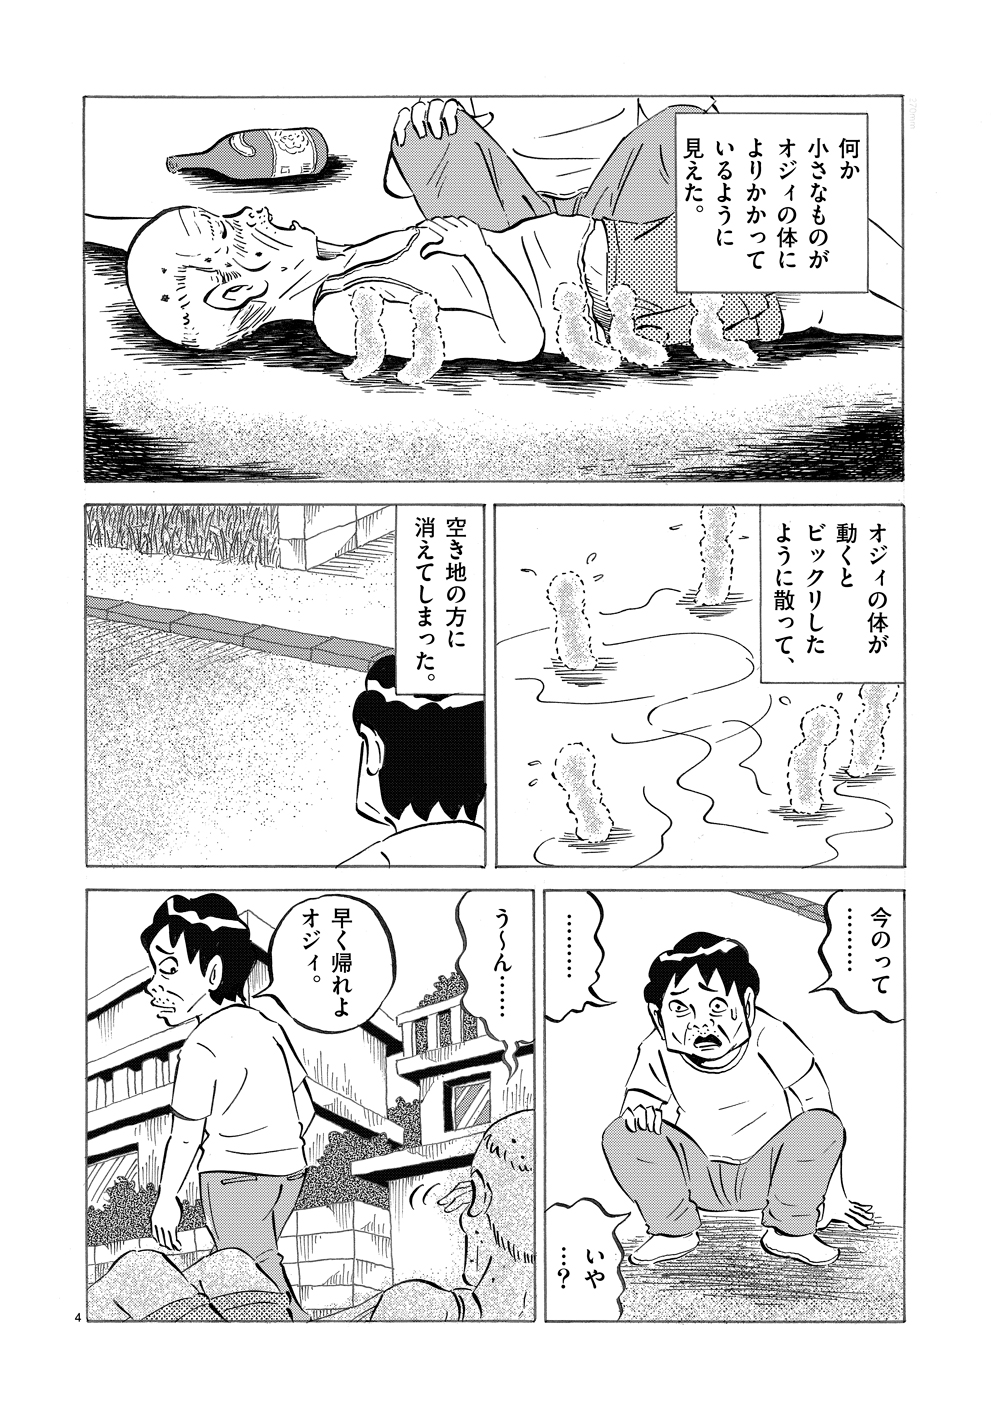 琉球怪談 【第1話】WEB掲載4ページ目画像